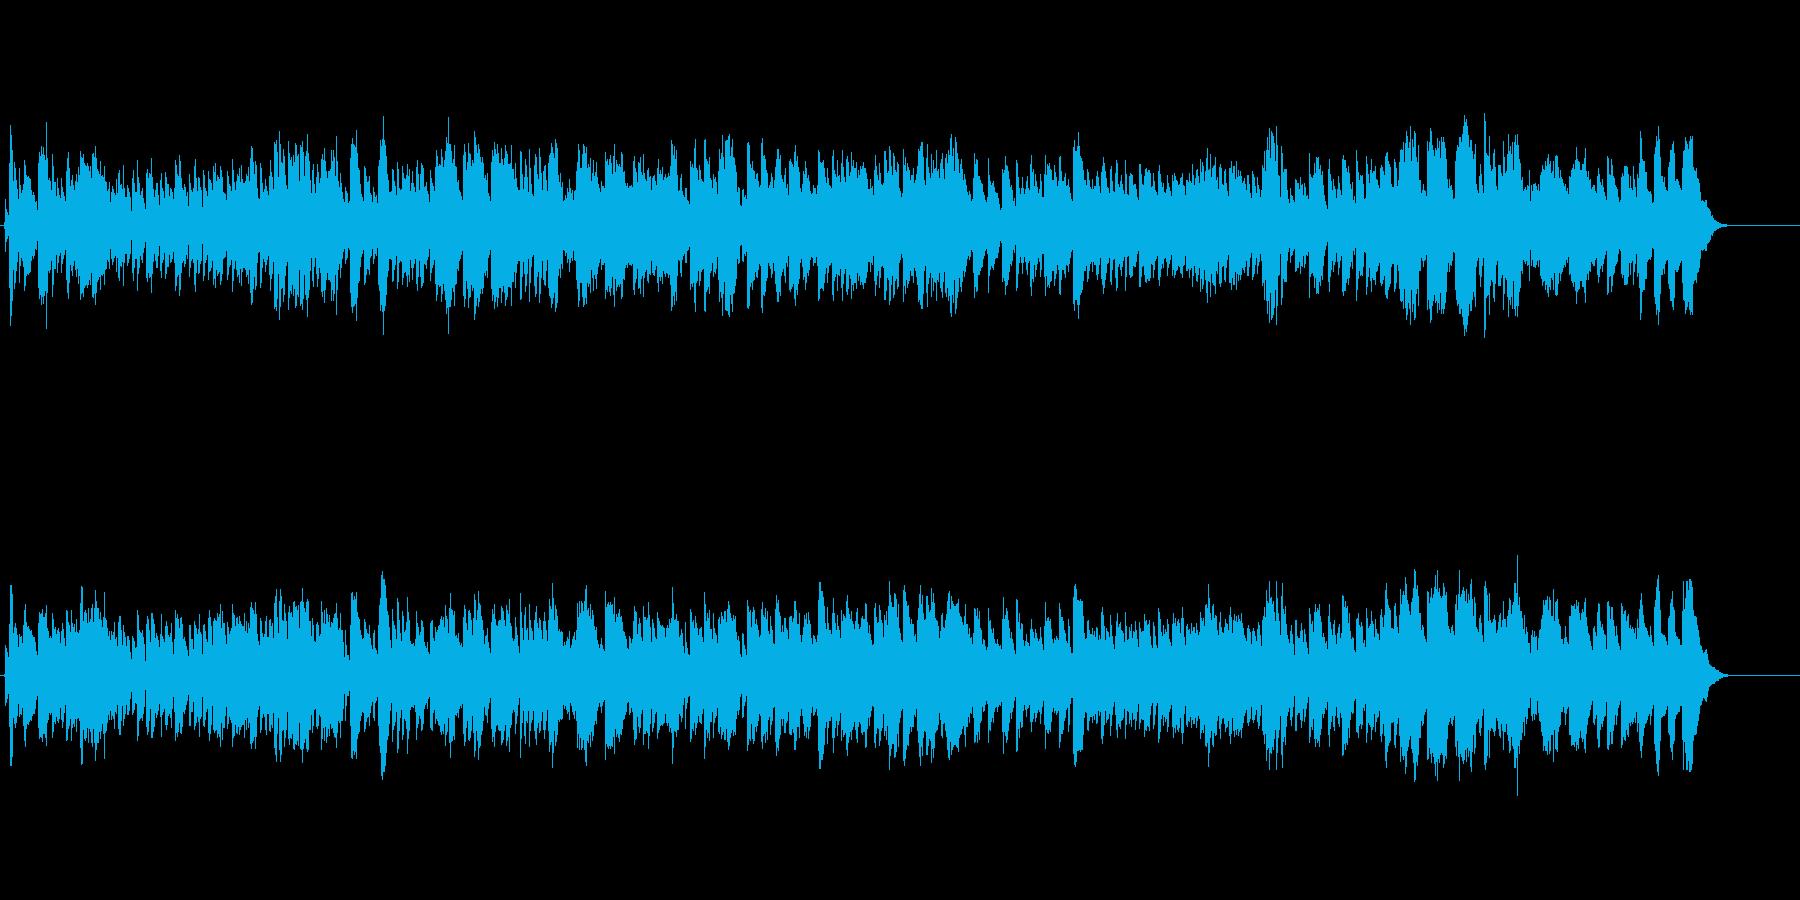 バロック時代のチェンバロ スカルラッティの再生済みの波形